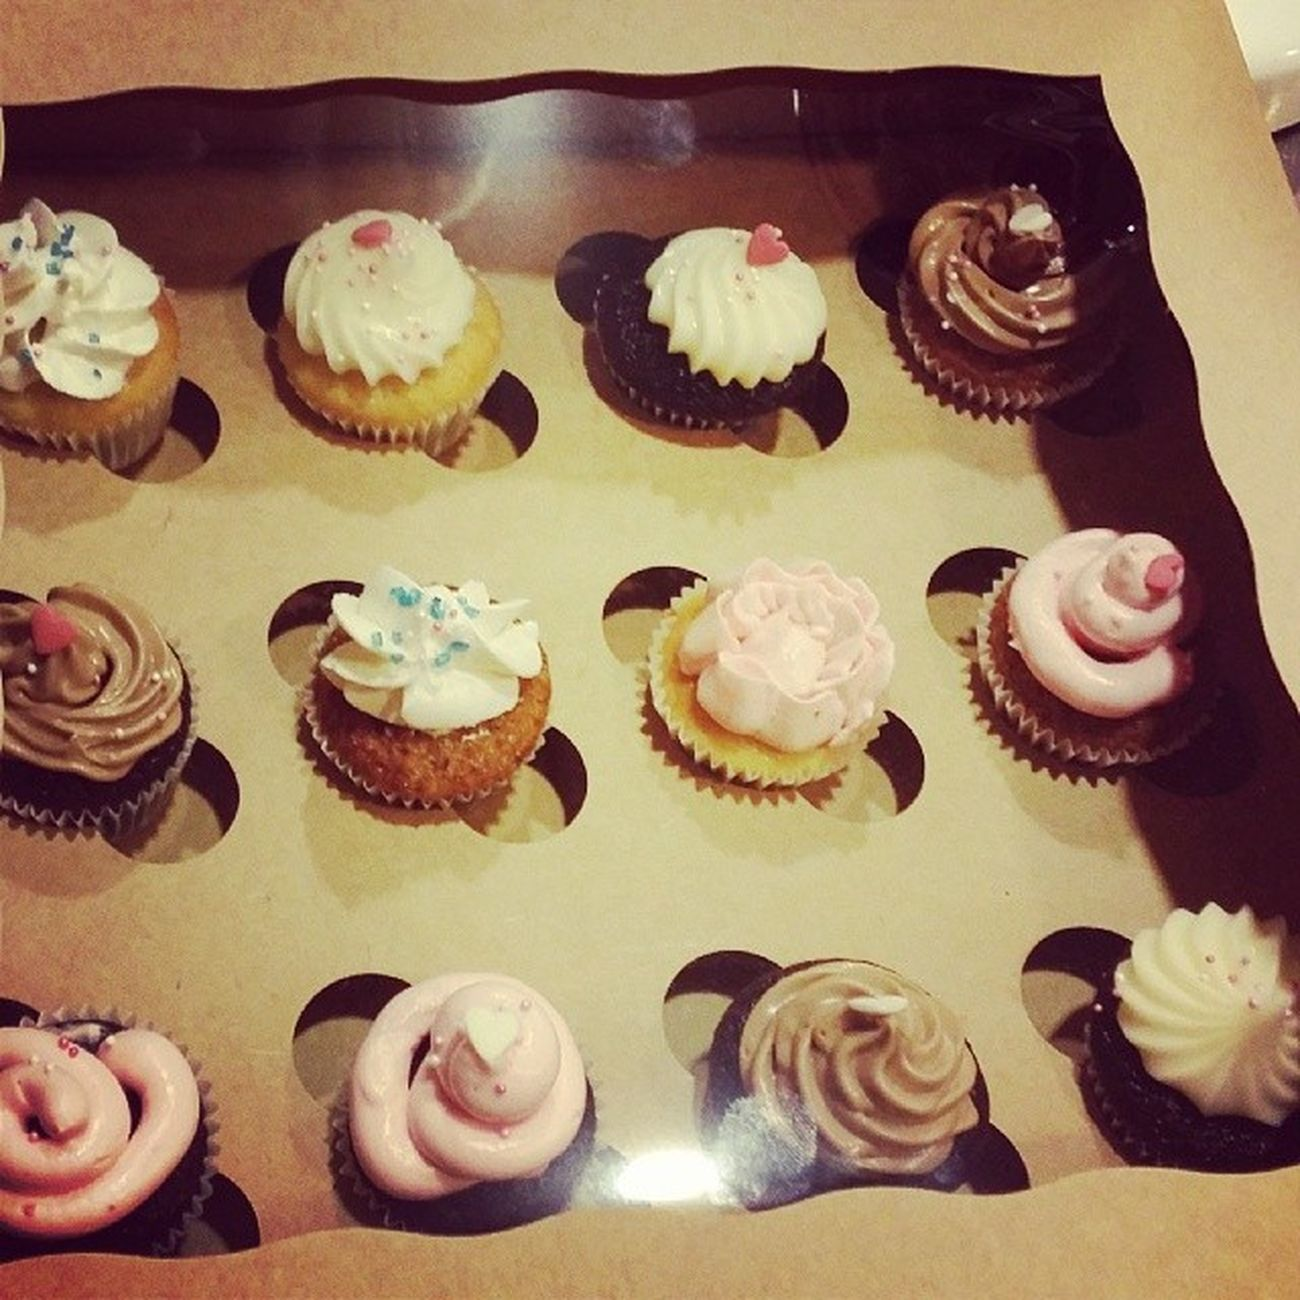 Ganz stolz auf unsere cupcakes :) Cupcakes Backkurs Tigert örtchen Annanikabu lecker yummy